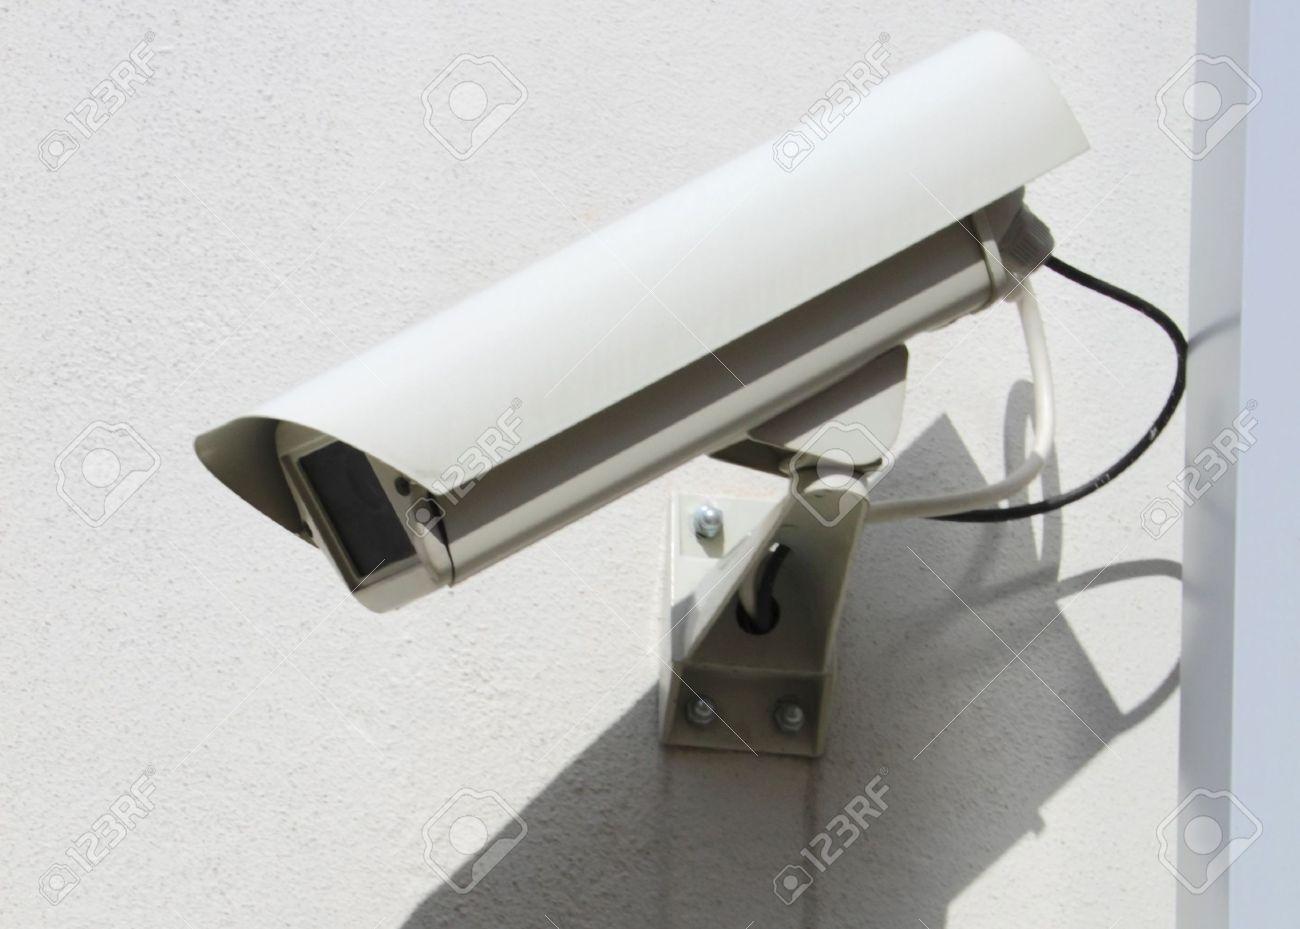 Videocamera di sicurezza  Archivio Fotografico - 7745440